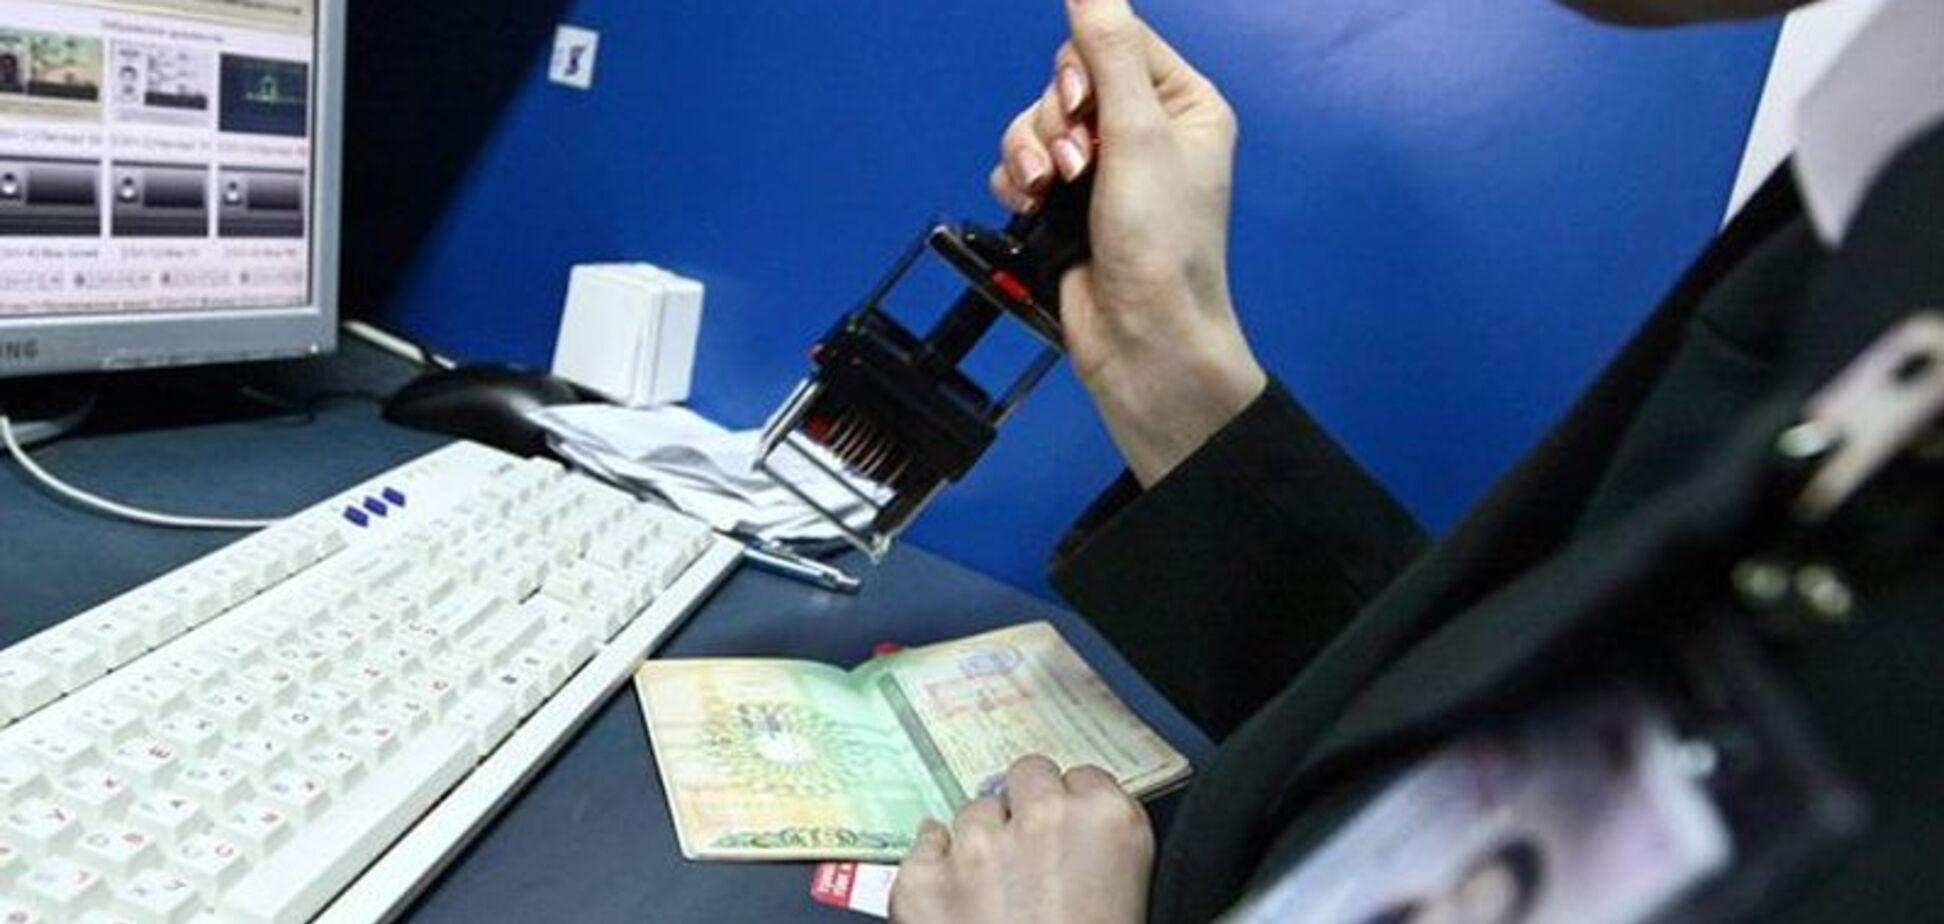 Як подорожувати після карантину: для туристів можуть ввести особливі документи